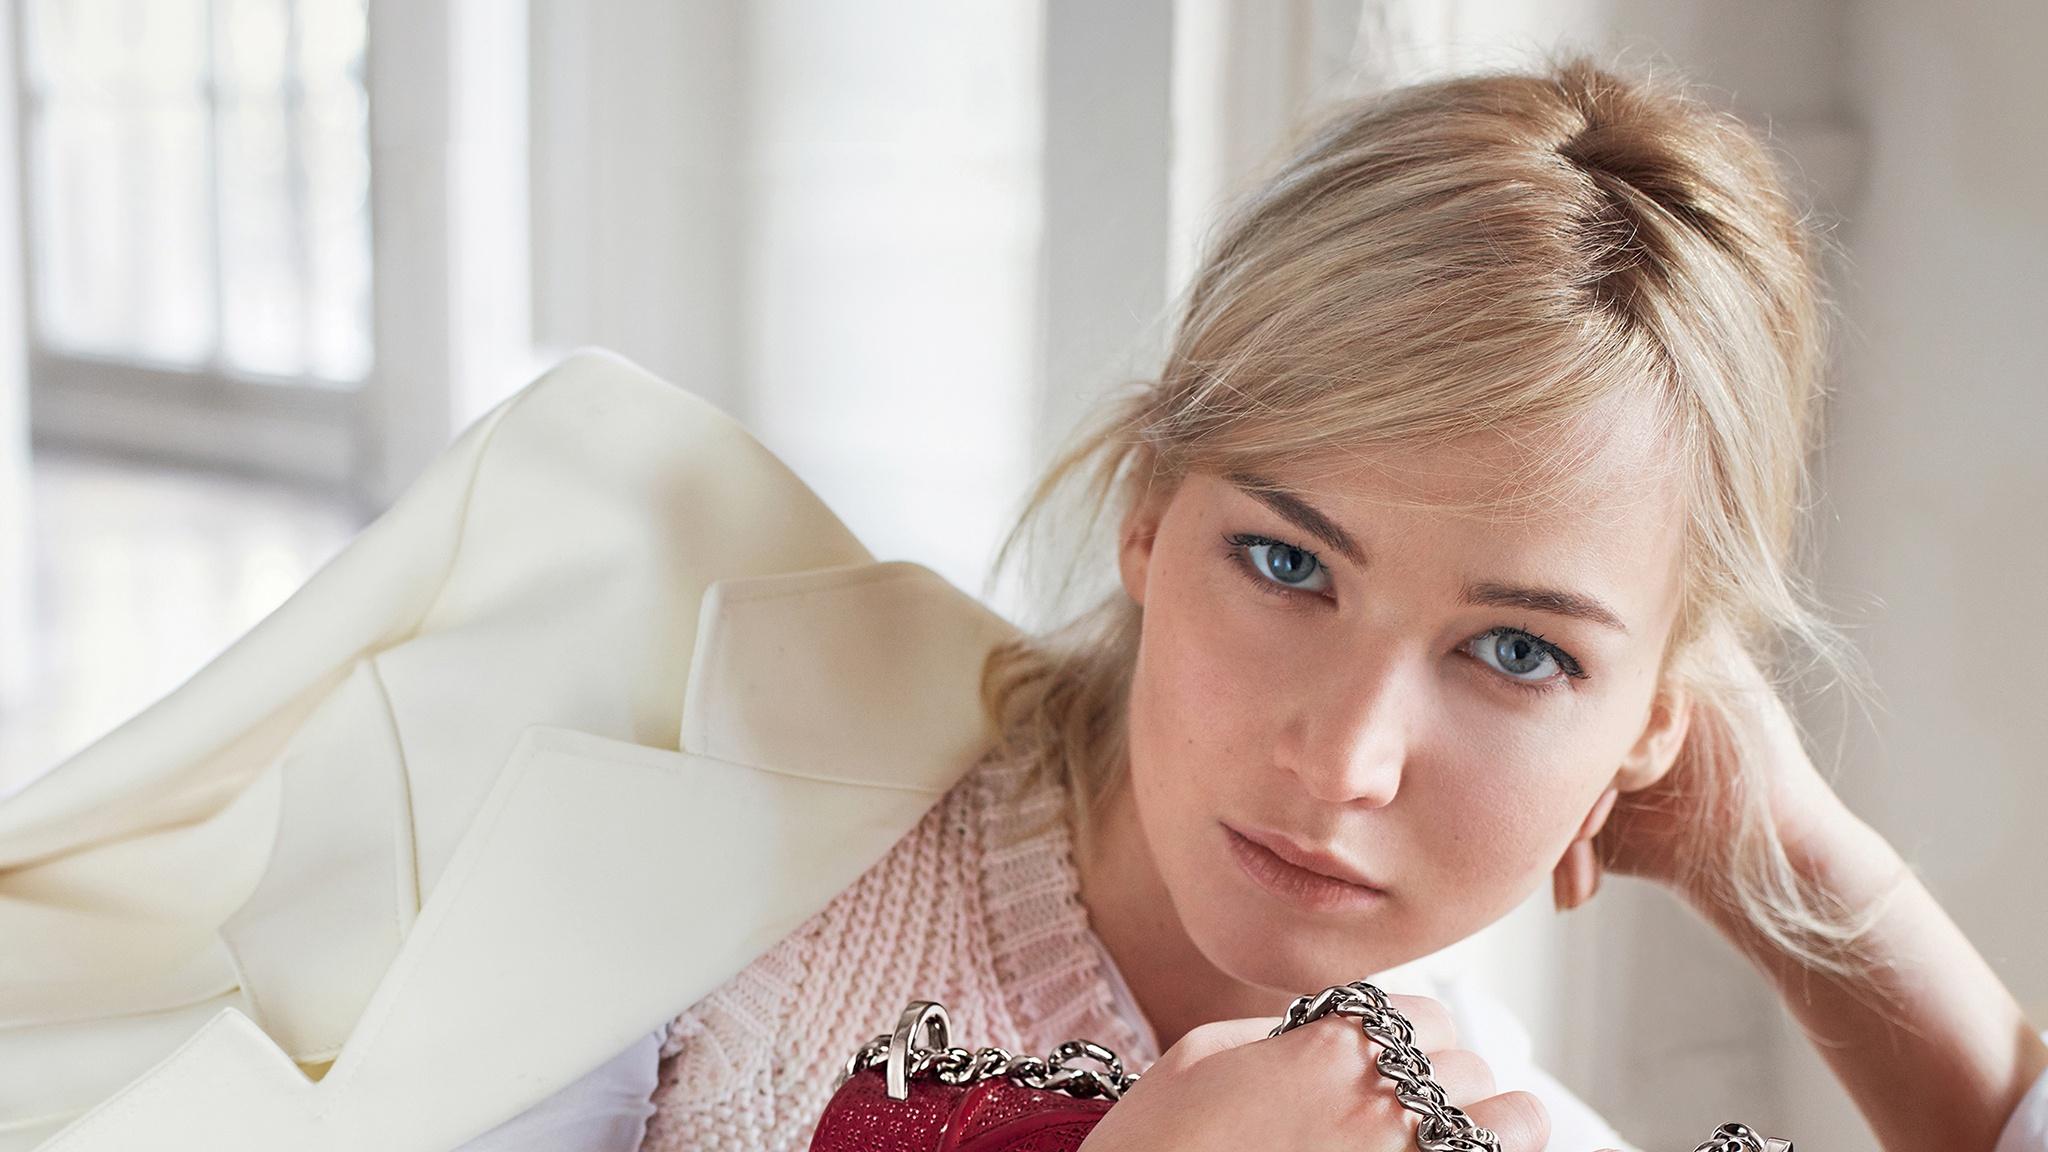 Girl Actress Blonde Blue Eyes American 2048x1152